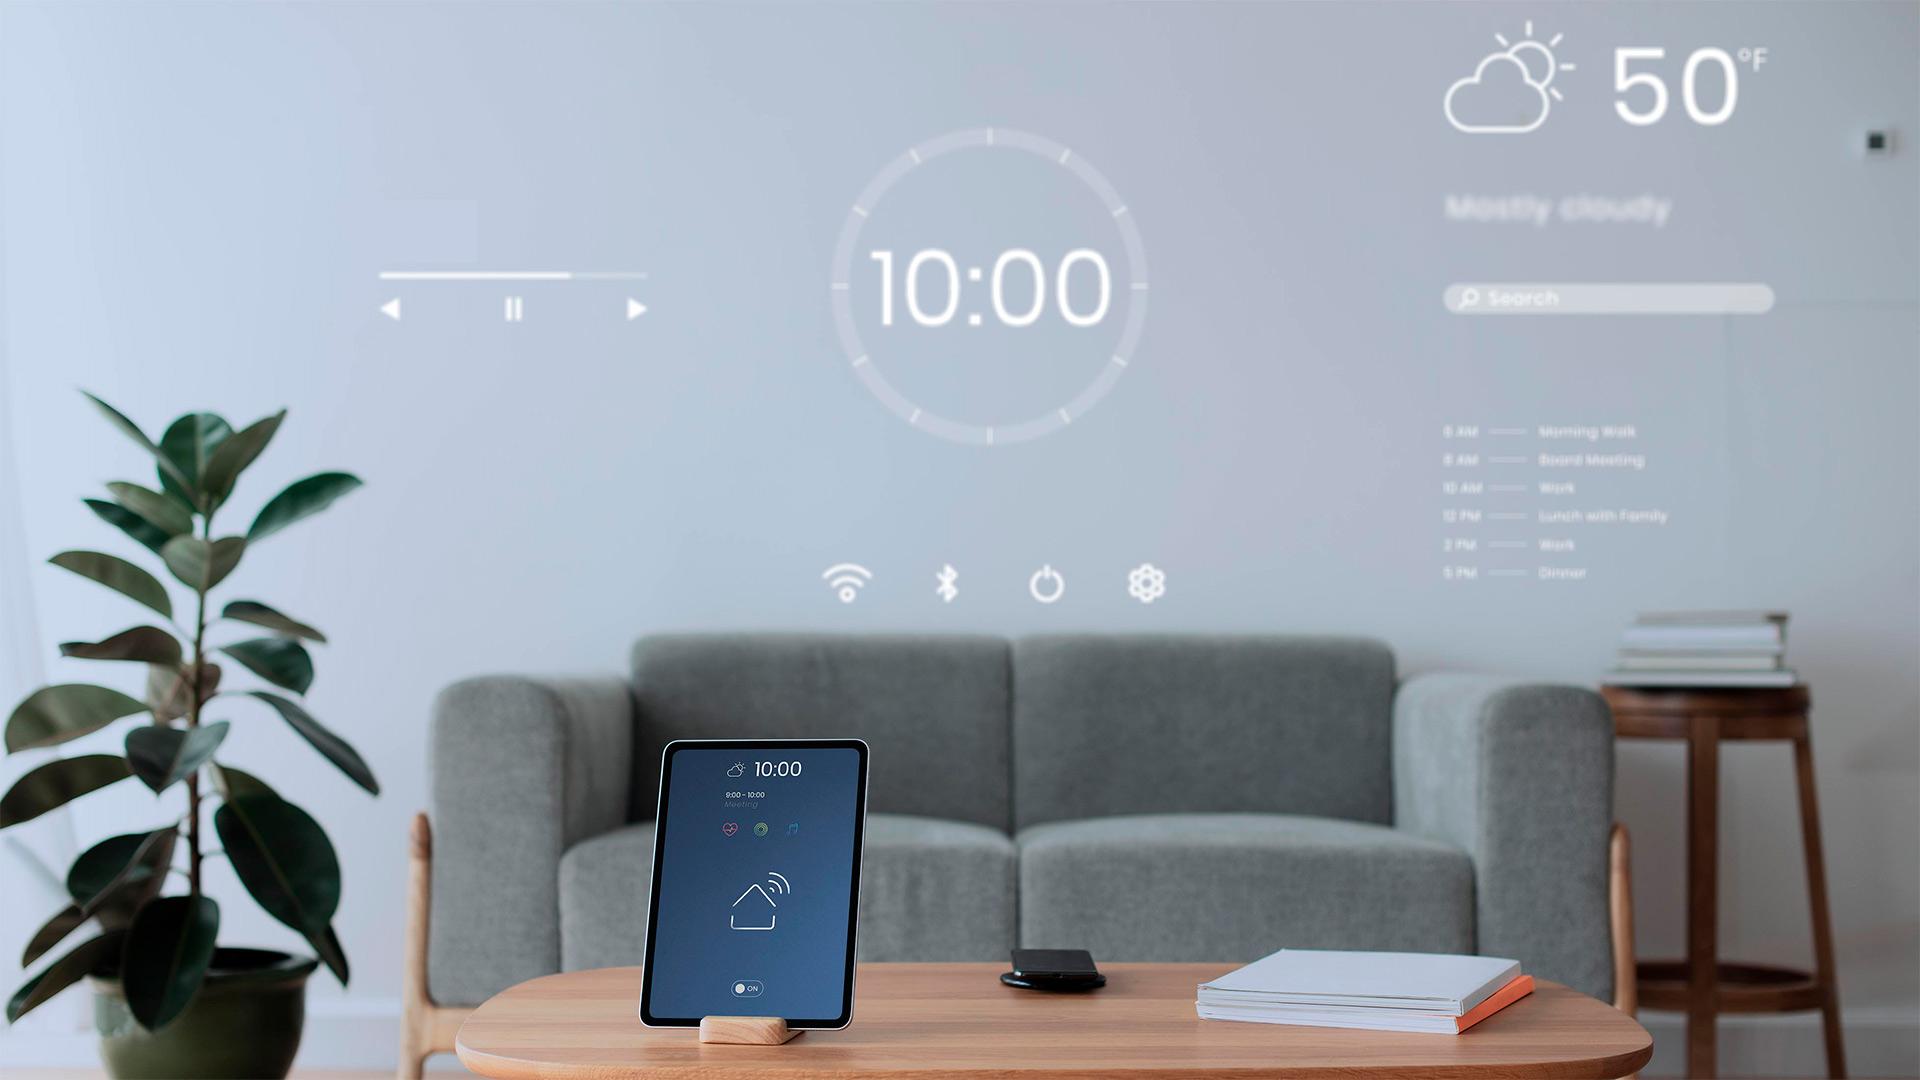 Tecnologia para morar com conforto, segurança e praticidade